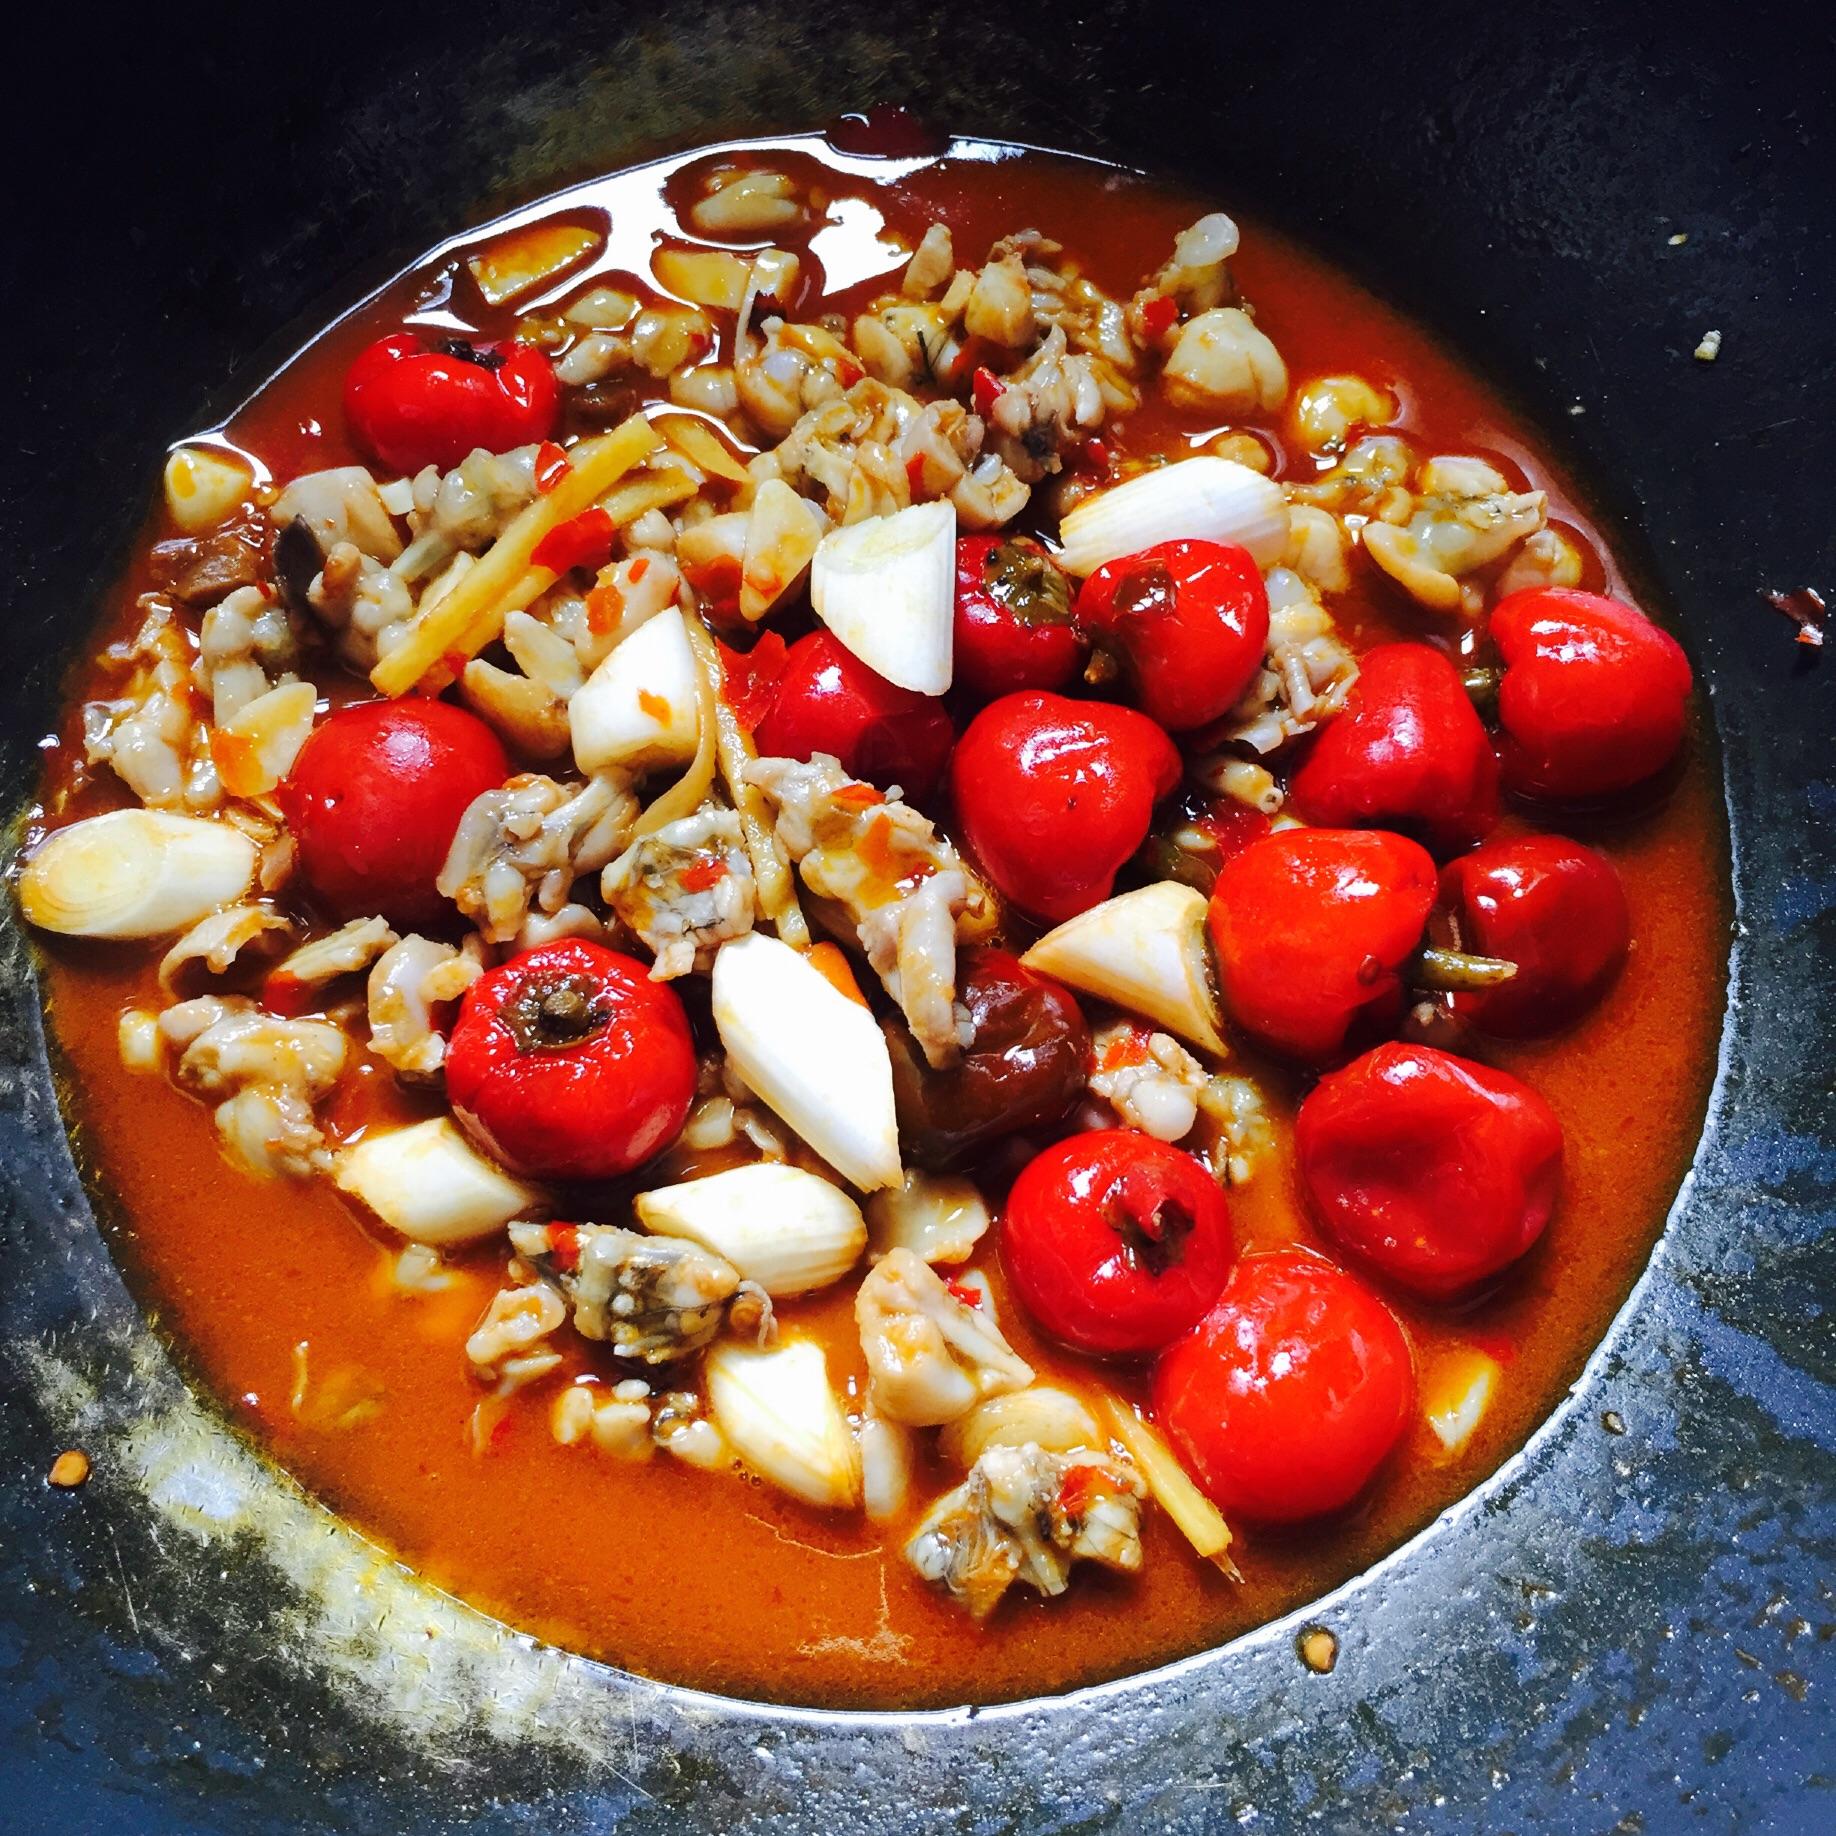 泡椒牛蛙的做法_泡椒牛蛙的做法_菜谱_豆果美食